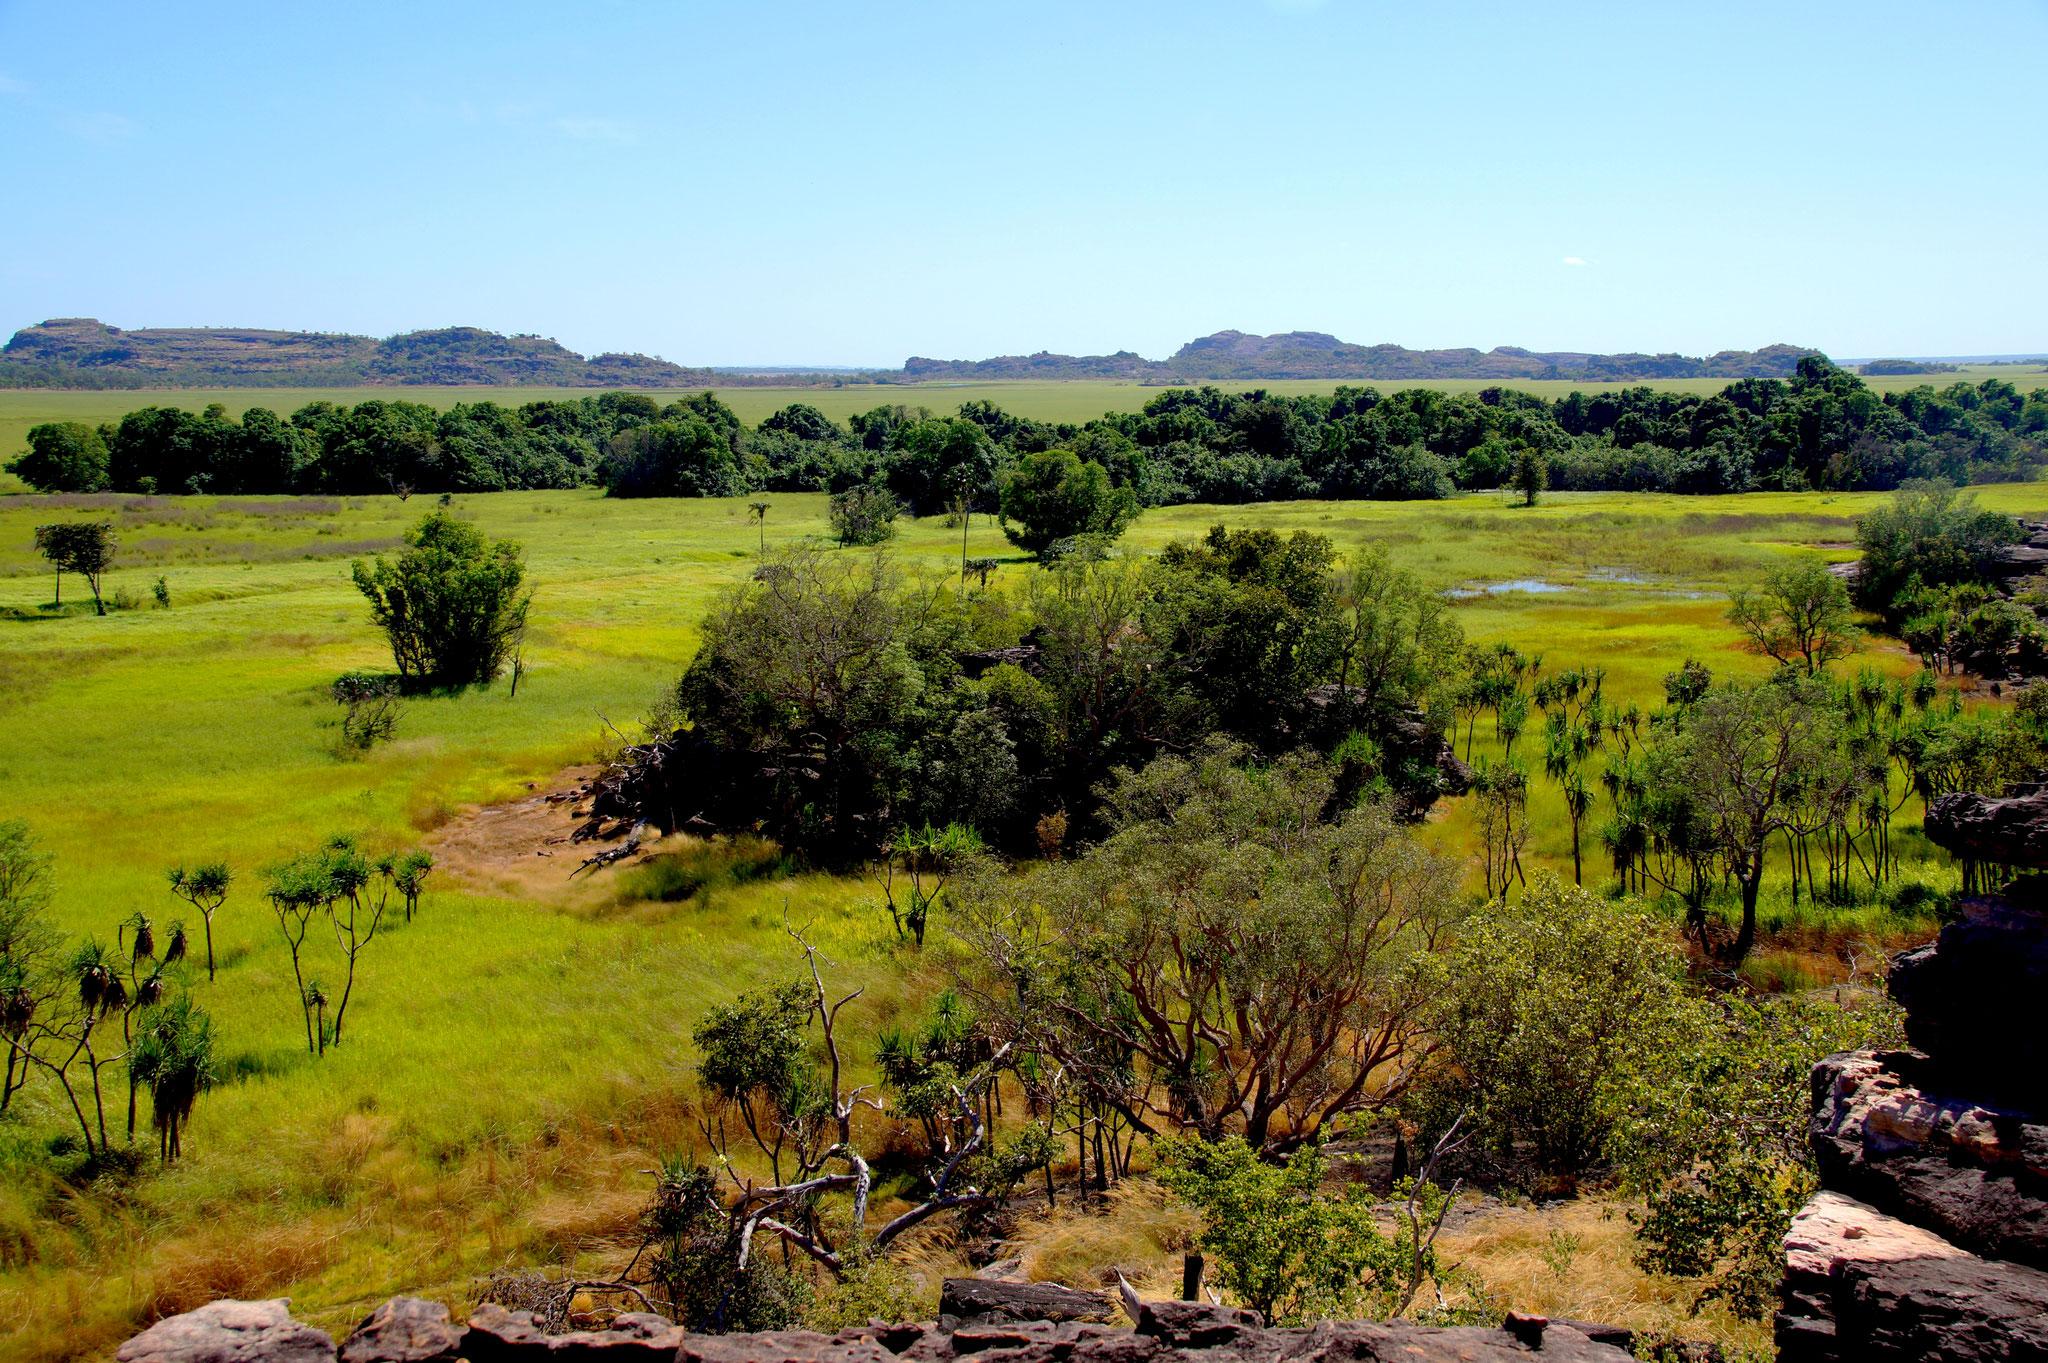 Ausblick vom Ubirr Felsplateau auf die Floodplains des Kakadu Nationalparks.